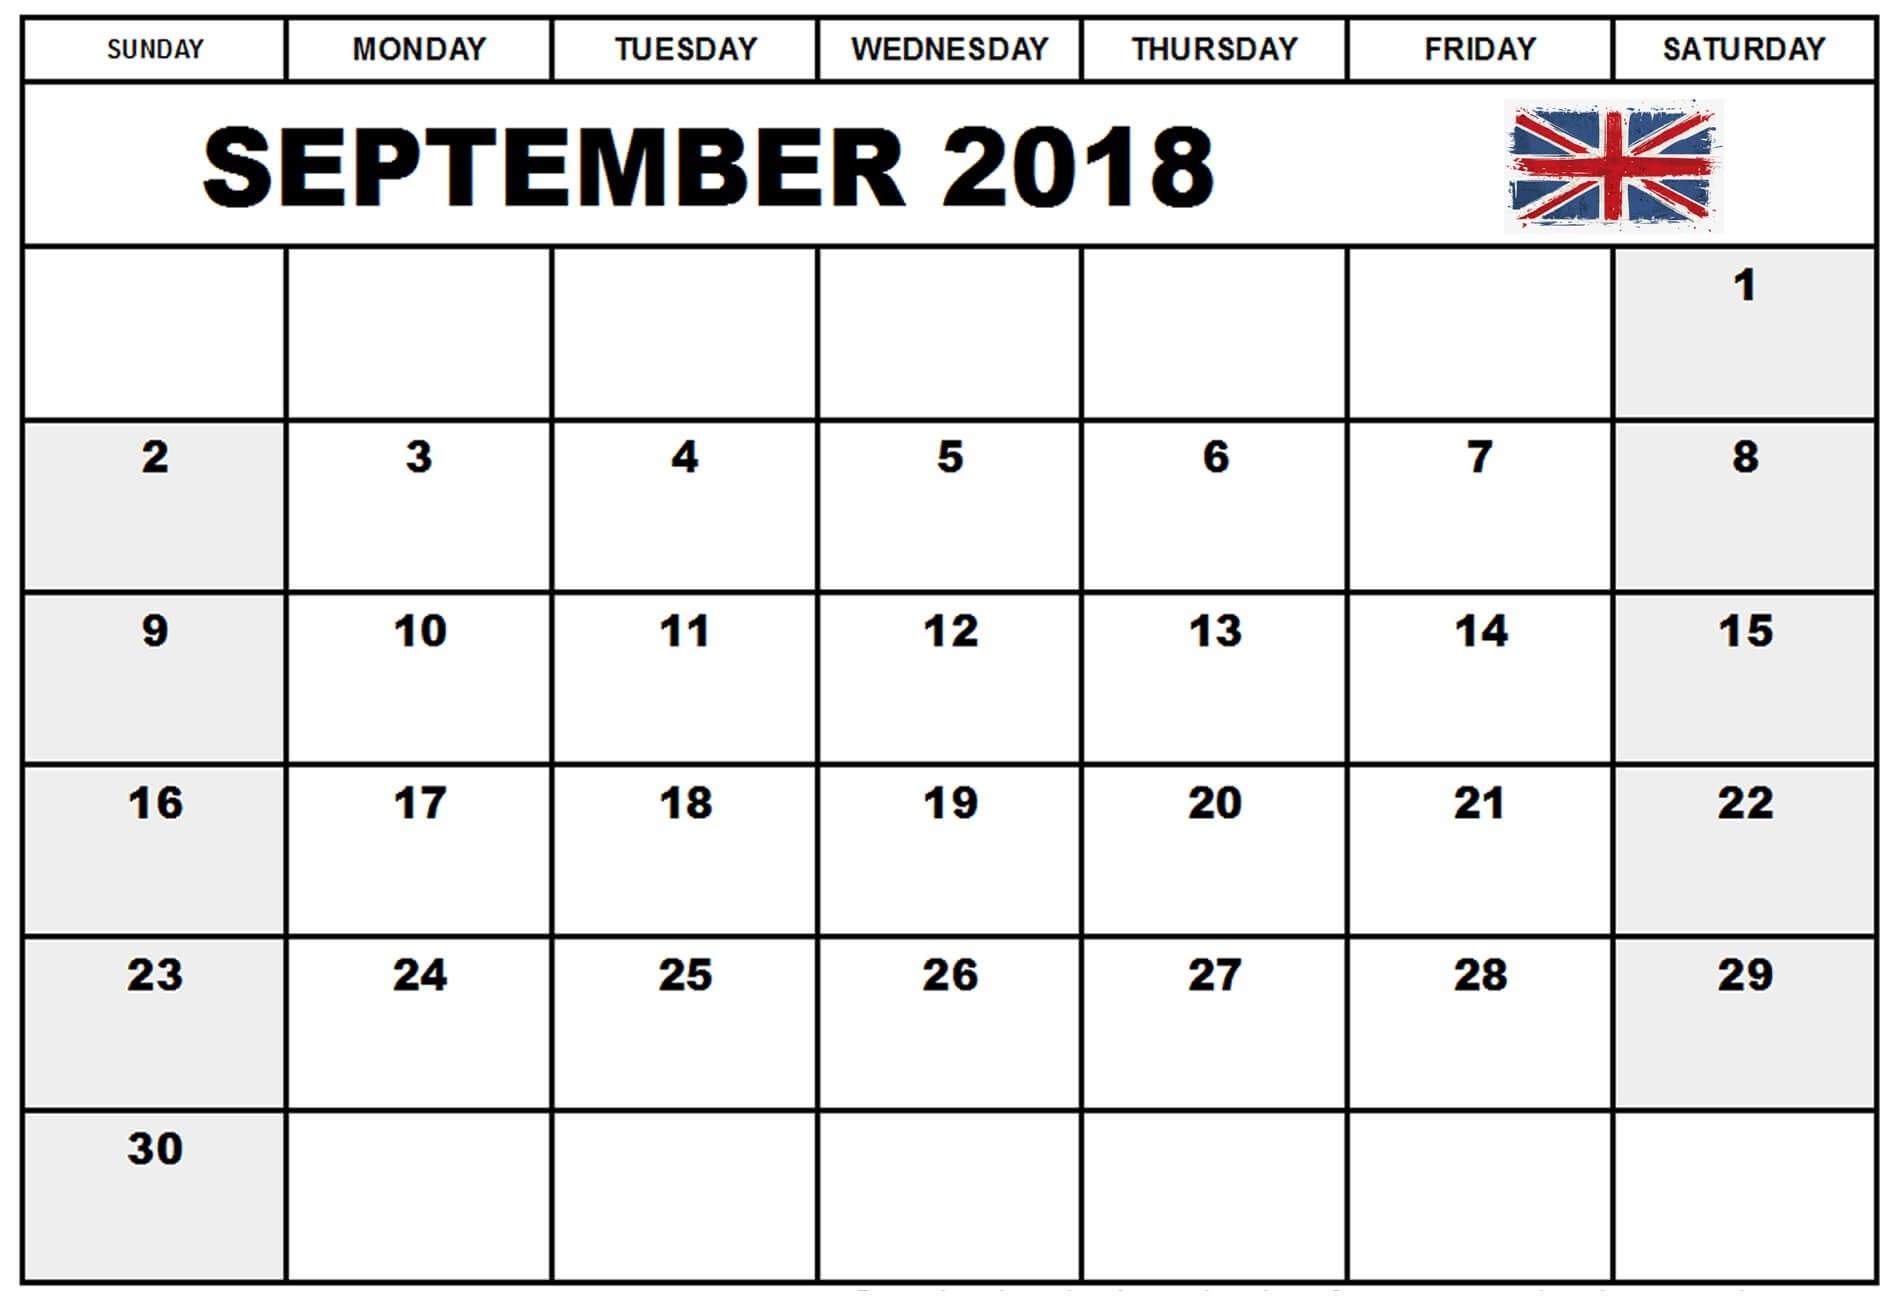 September 2018 Calendar Uk-Blank Printable Catholic Calender September